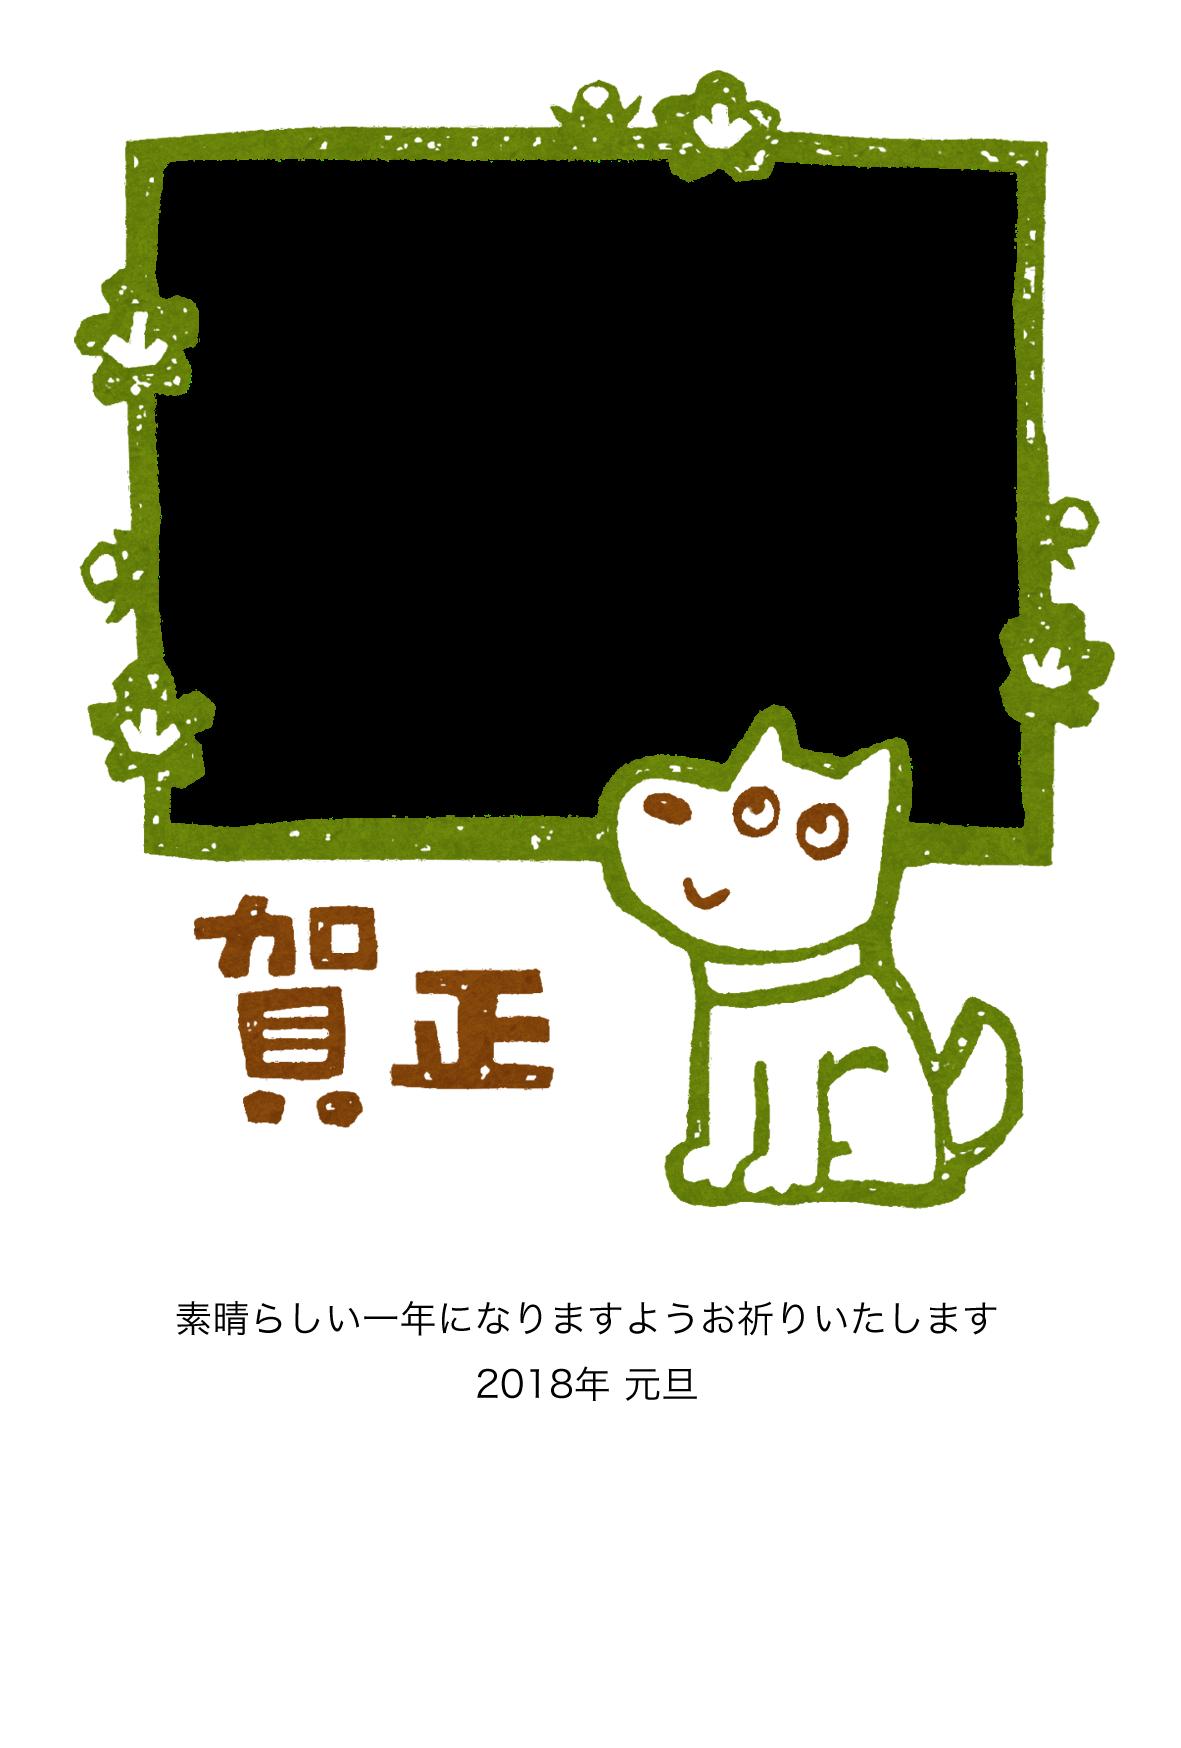 犬と写真フレームの芋版年賀状 (酉年) | かわいい無料年賀状